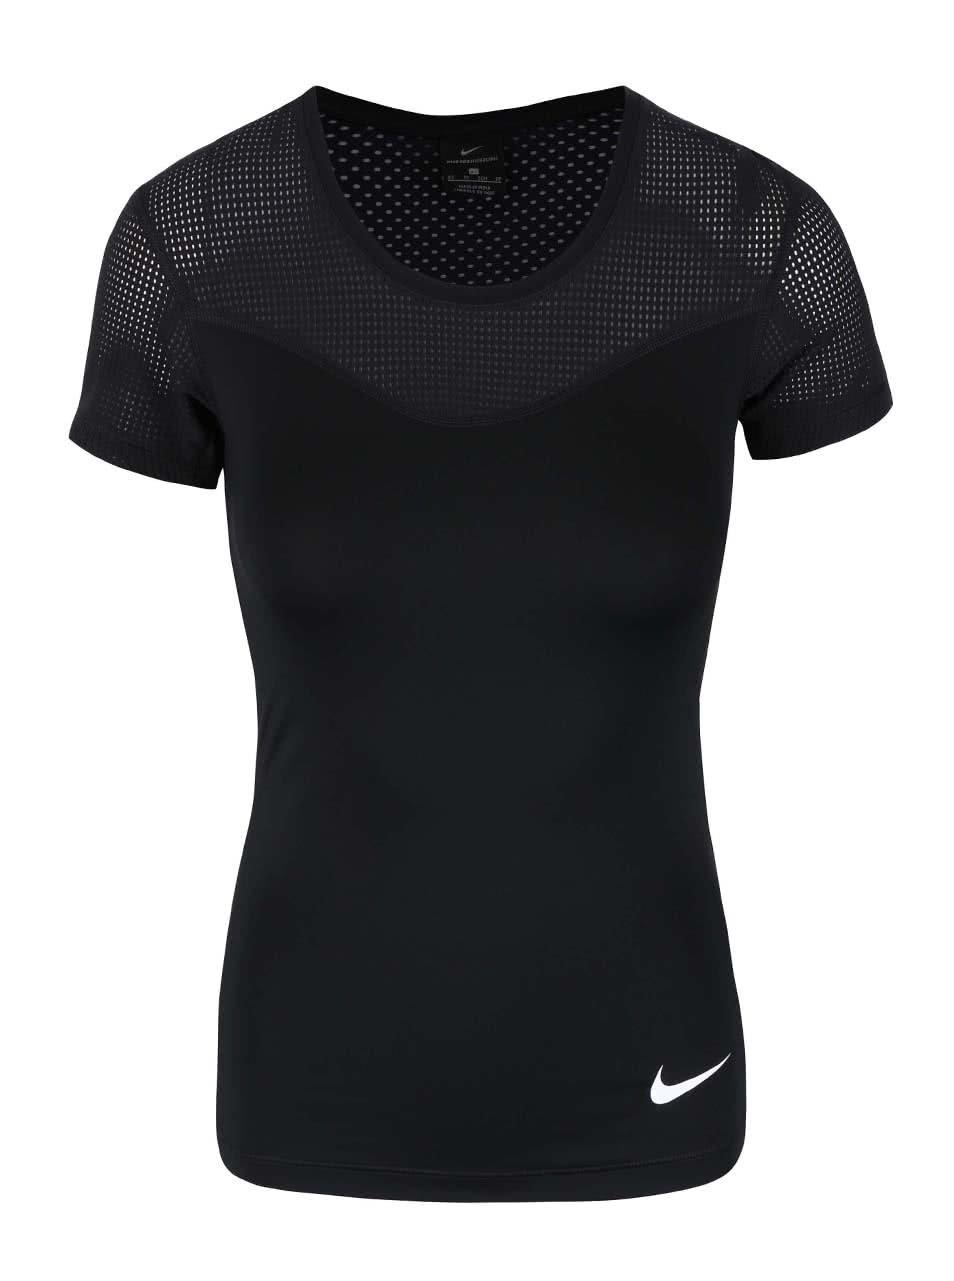 845cdc1edd4a Černé dámské tričko Nike Pro Hypercool ...